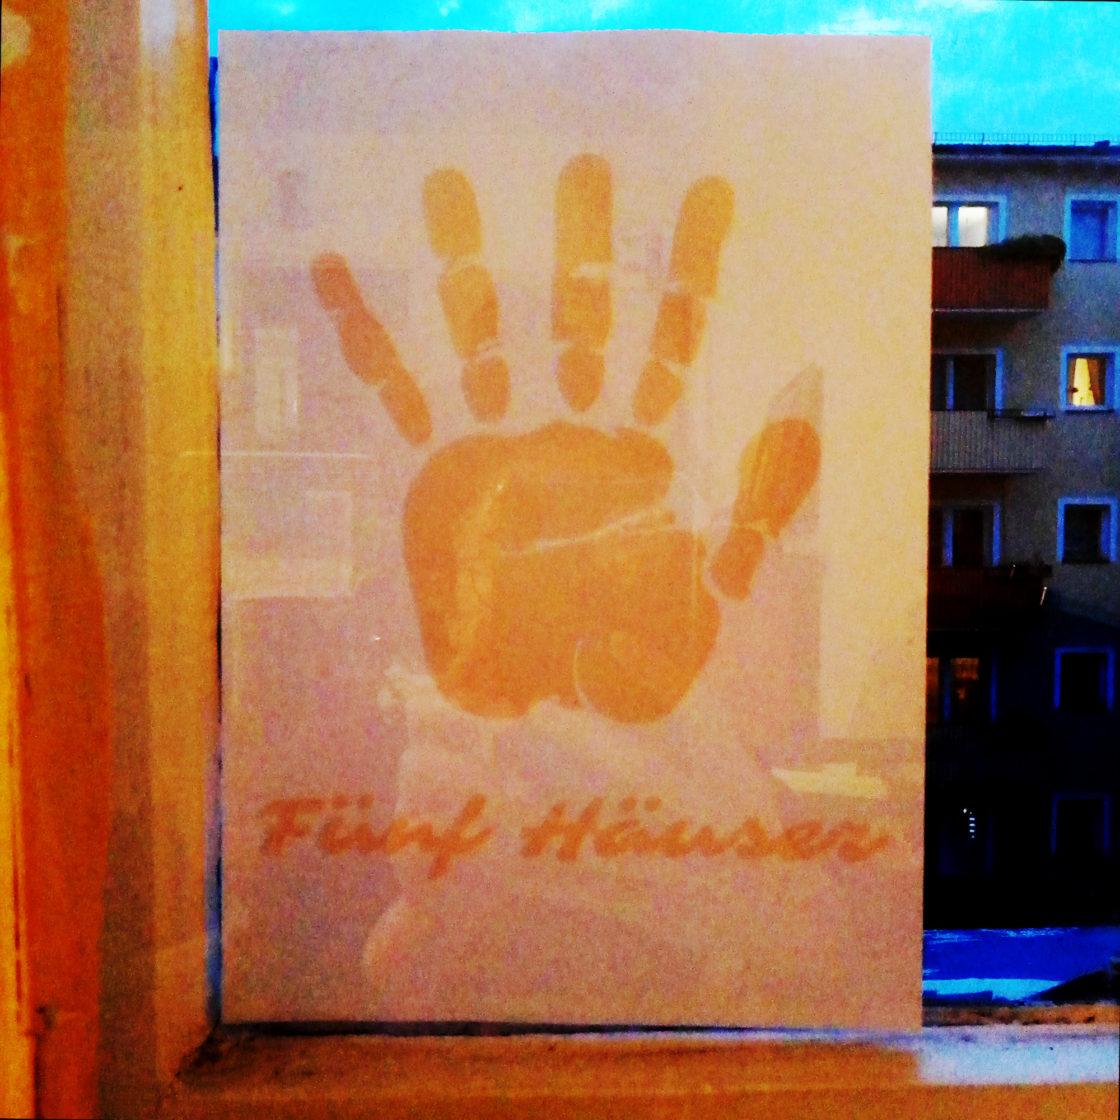 Das Logo von Fünf Häuser Initiative, offenes Handfläche, als Plakat, geklebt am Fenster